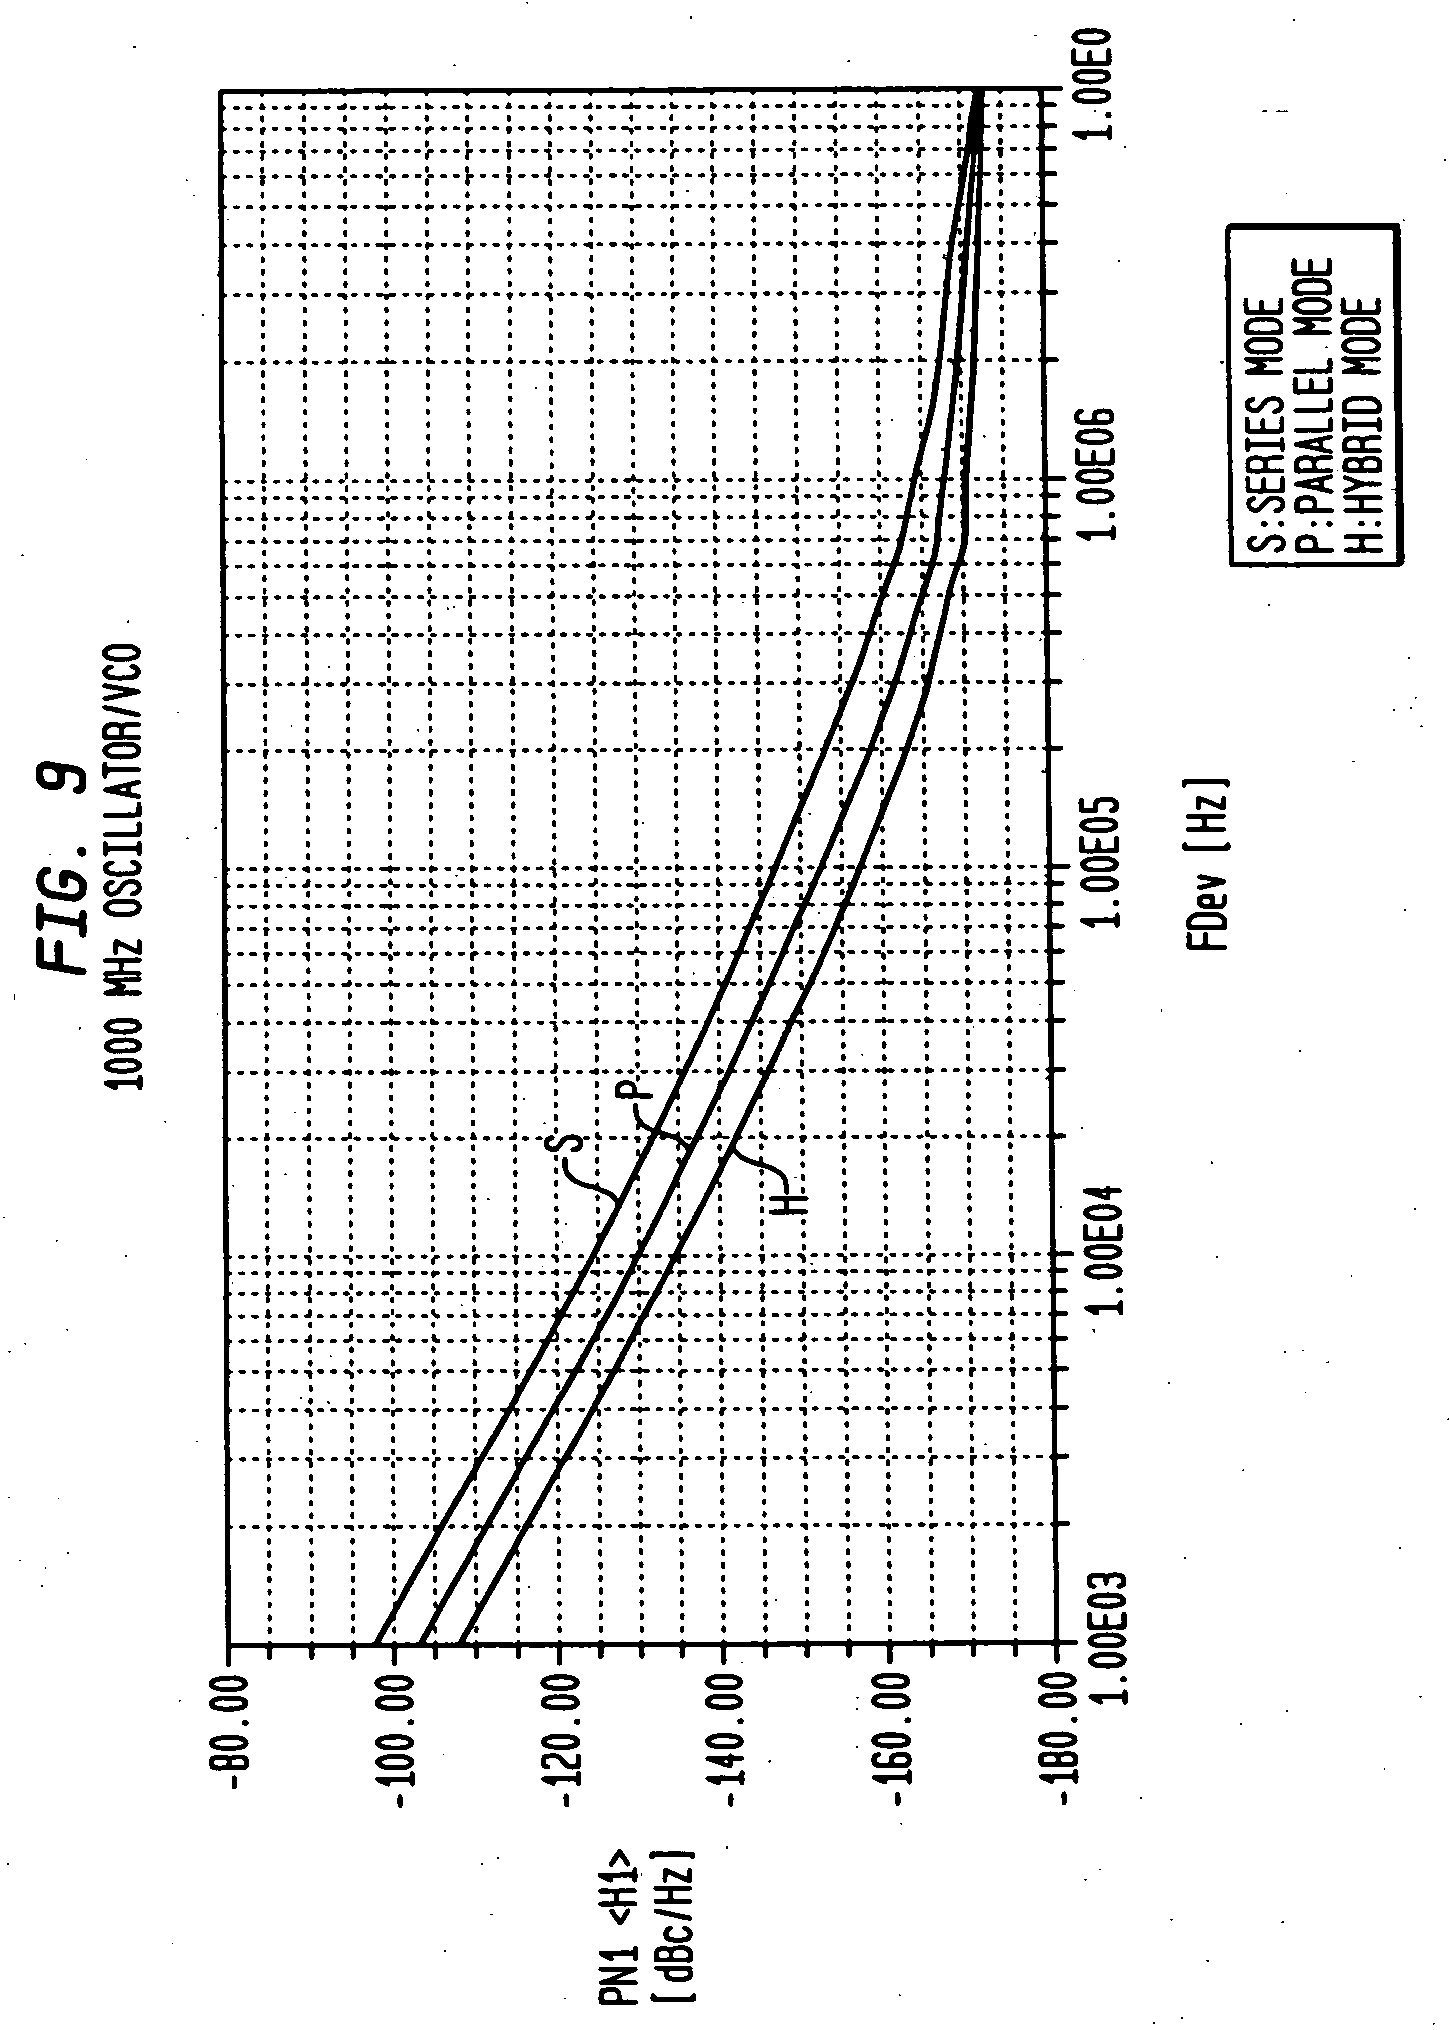 patent us20060279368